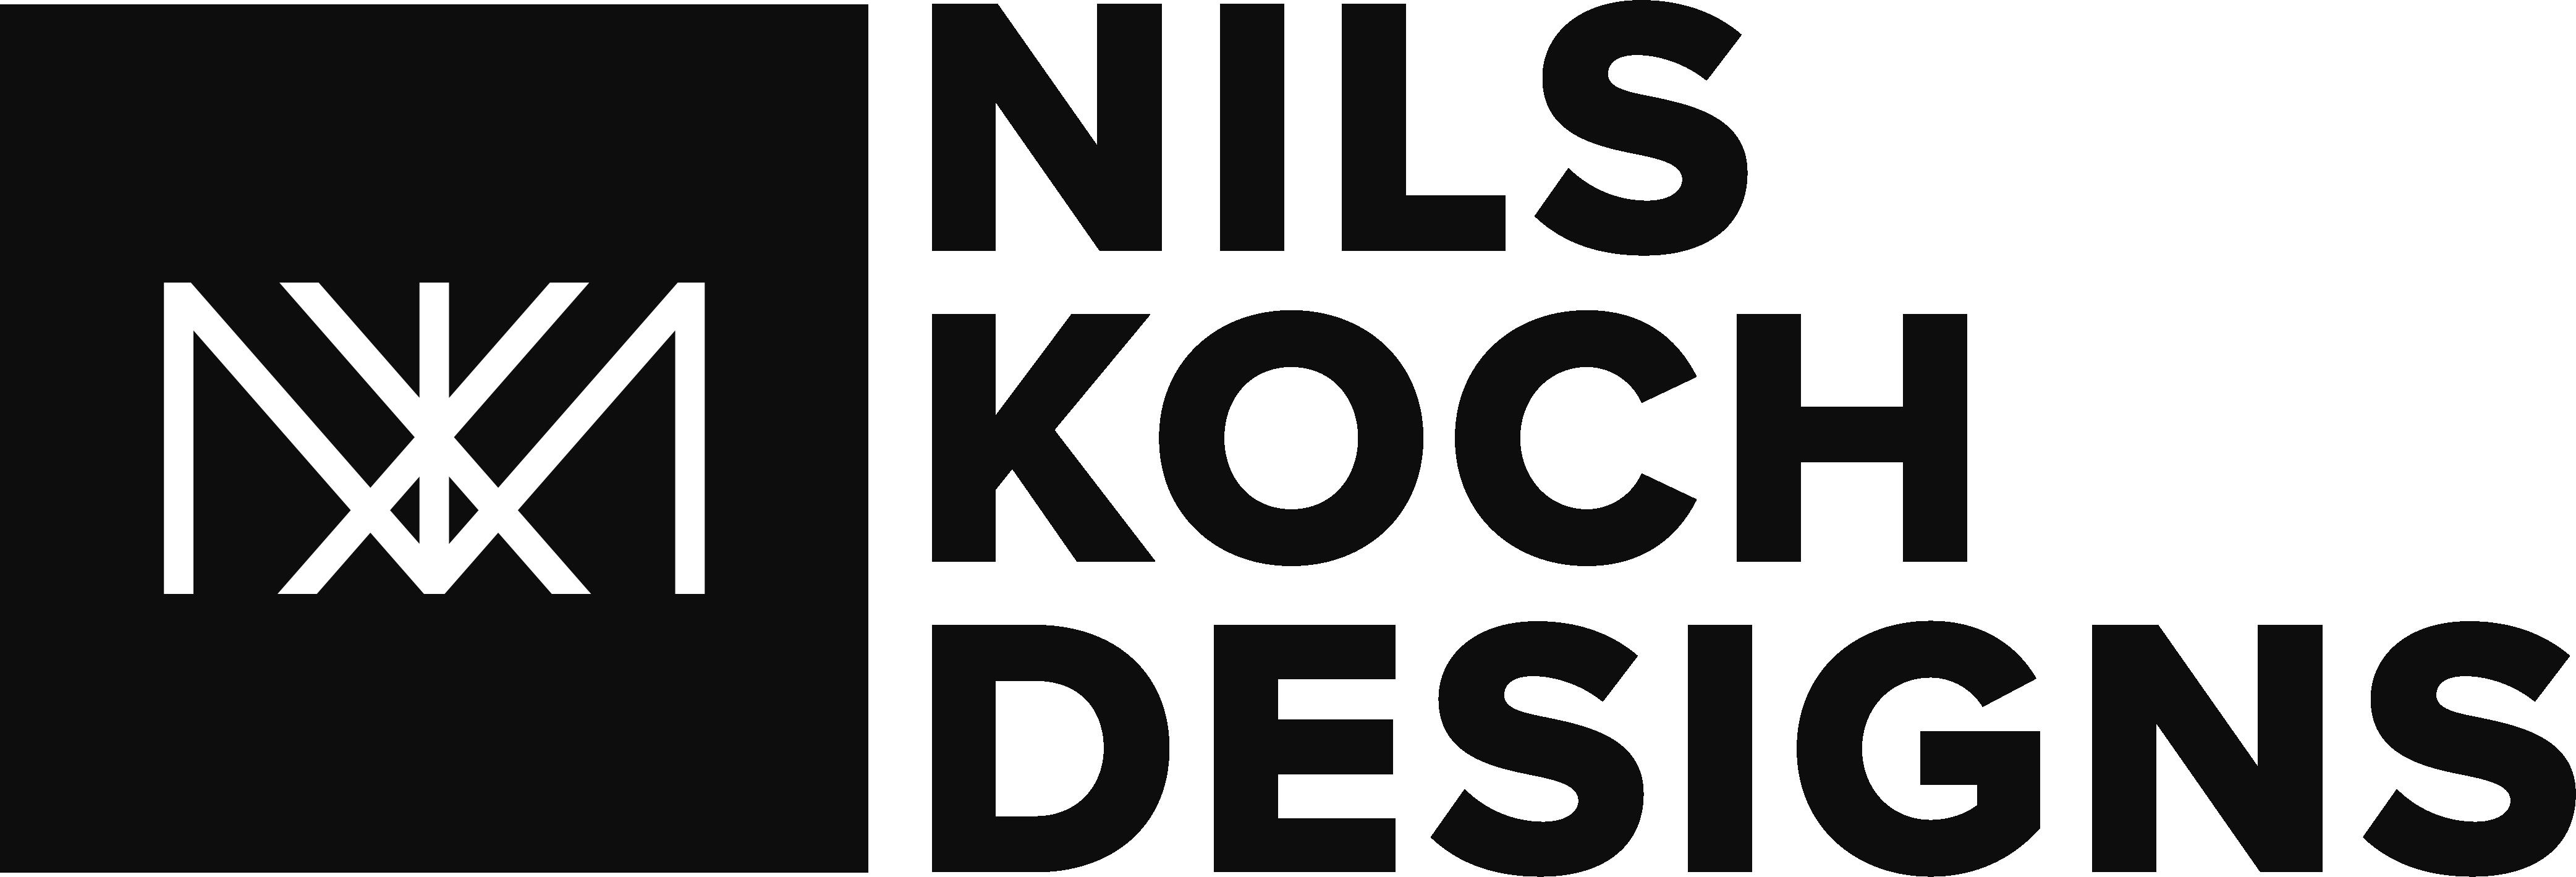 Nils Koch Designs Studio Für Kommunikation Design